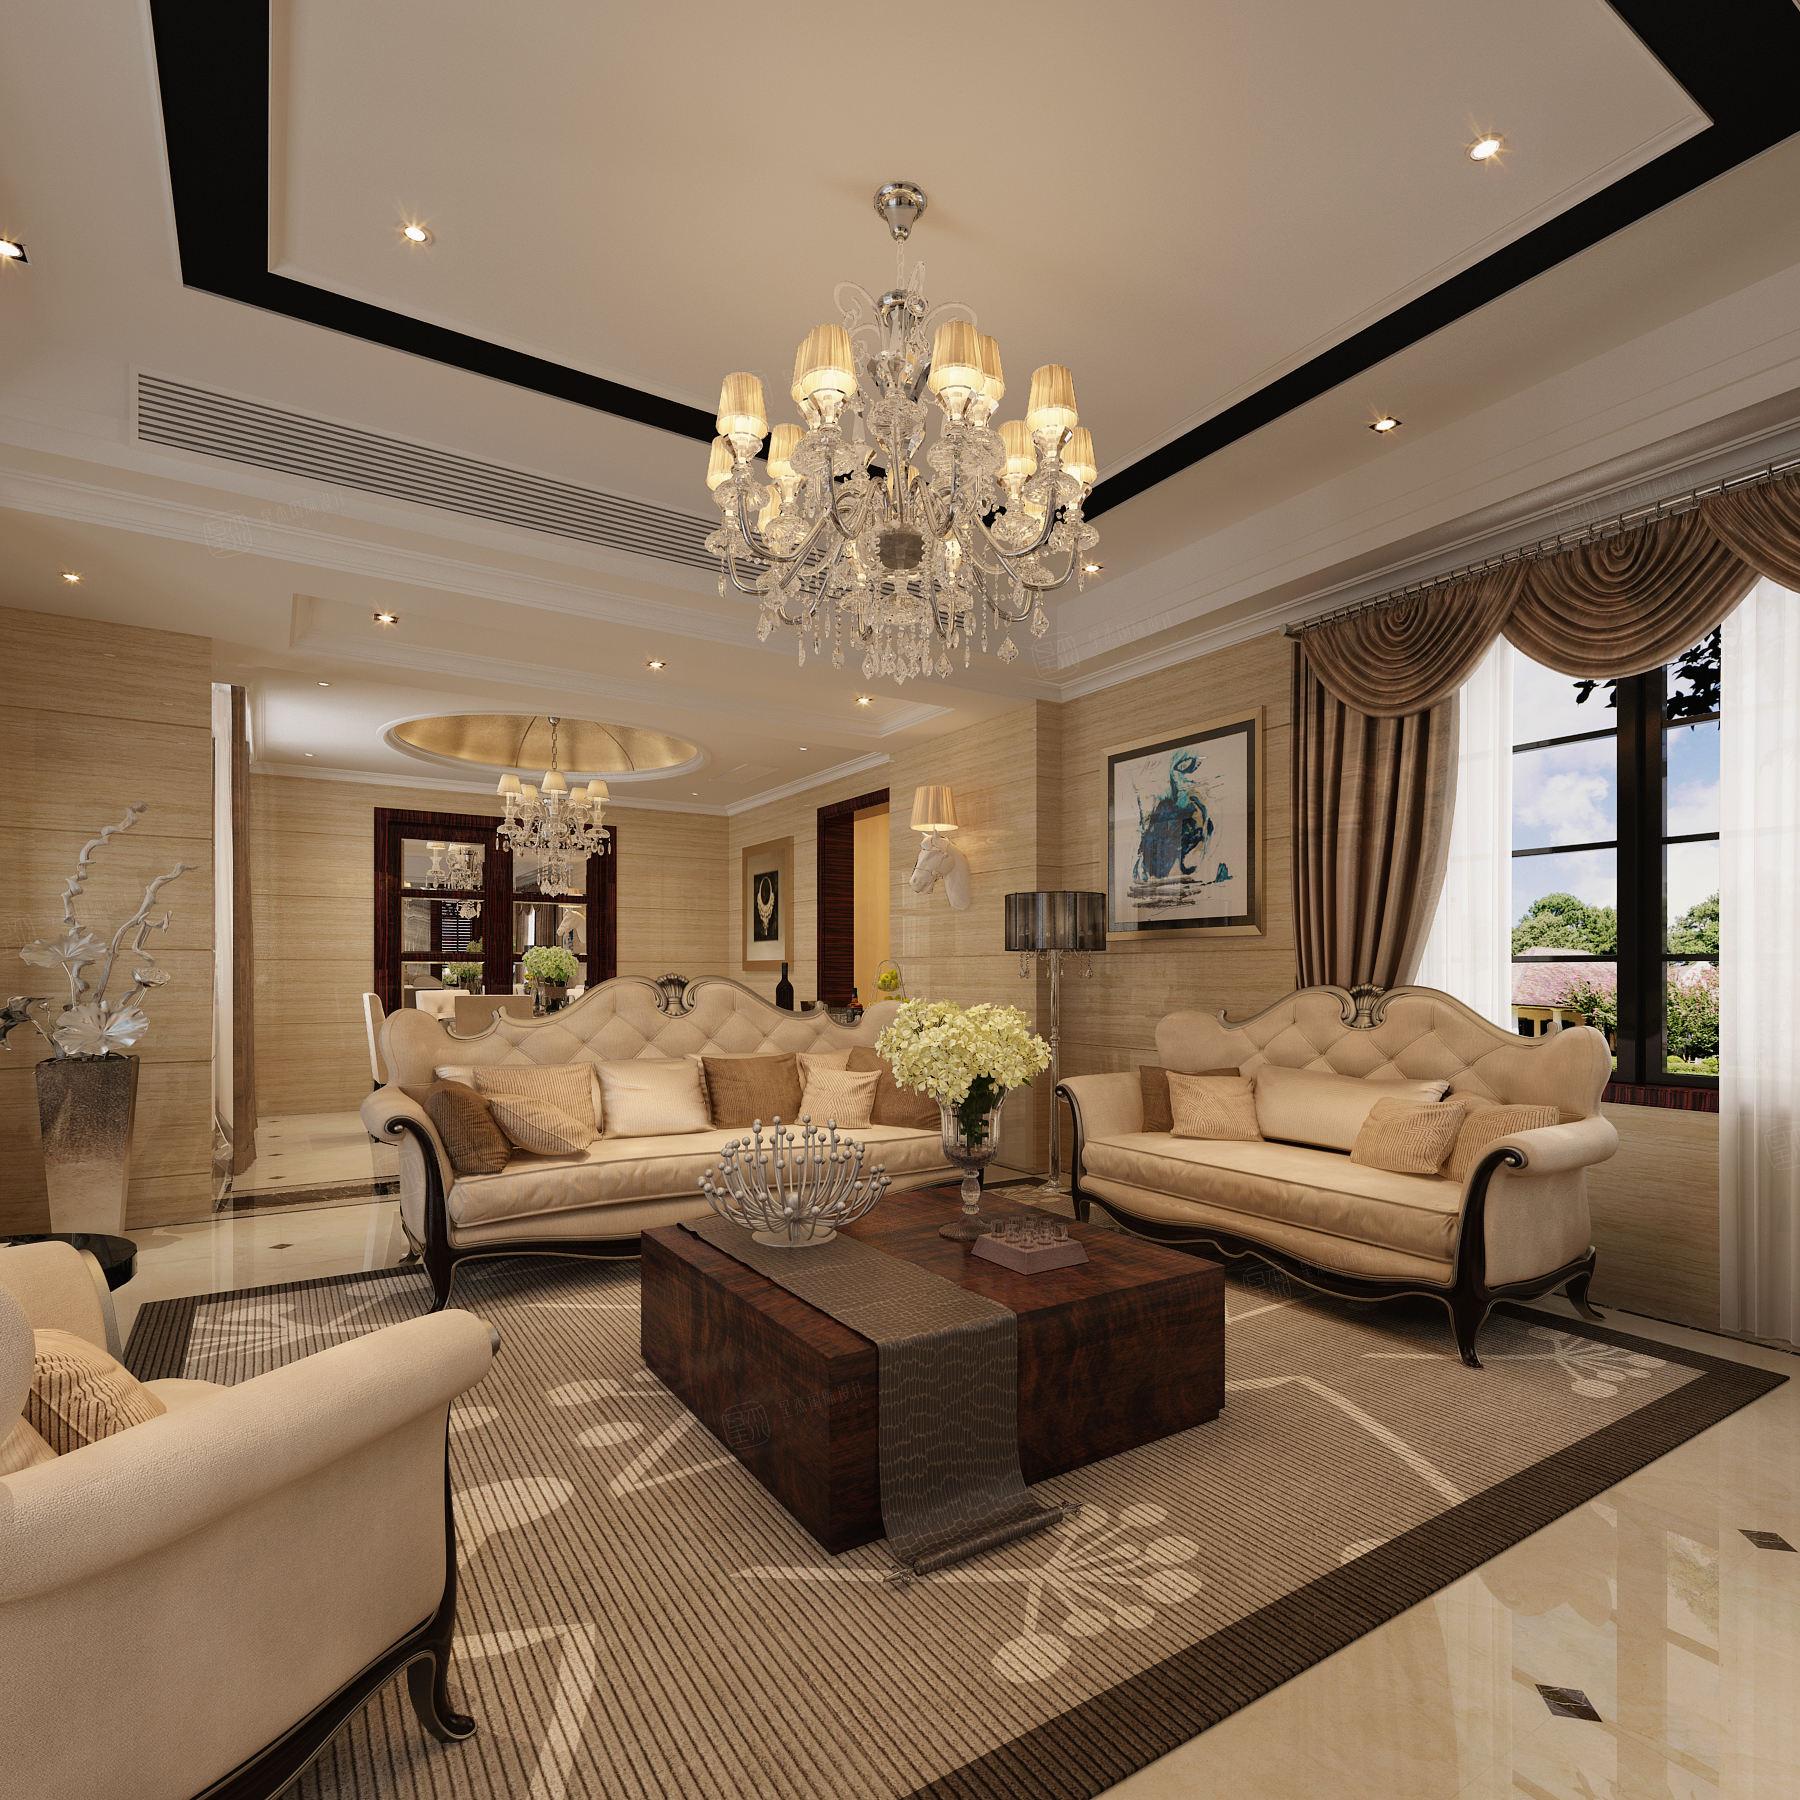 中金海棠湾 新古典风格装修客厅效果图